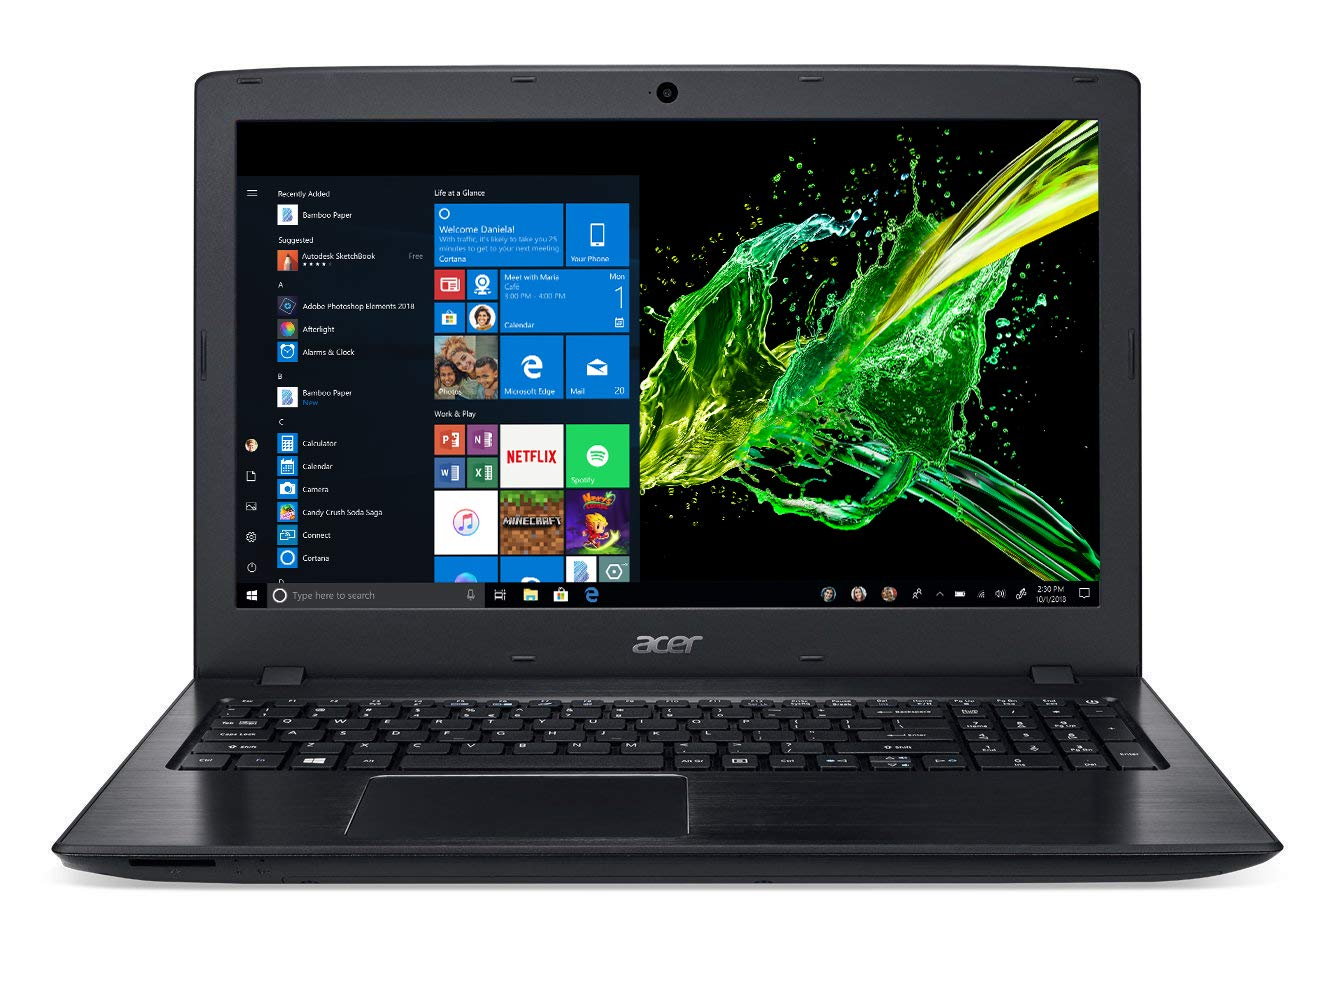 0616837362542 Amazon.com: Acer Aspire E 15 Laptop, 15.6